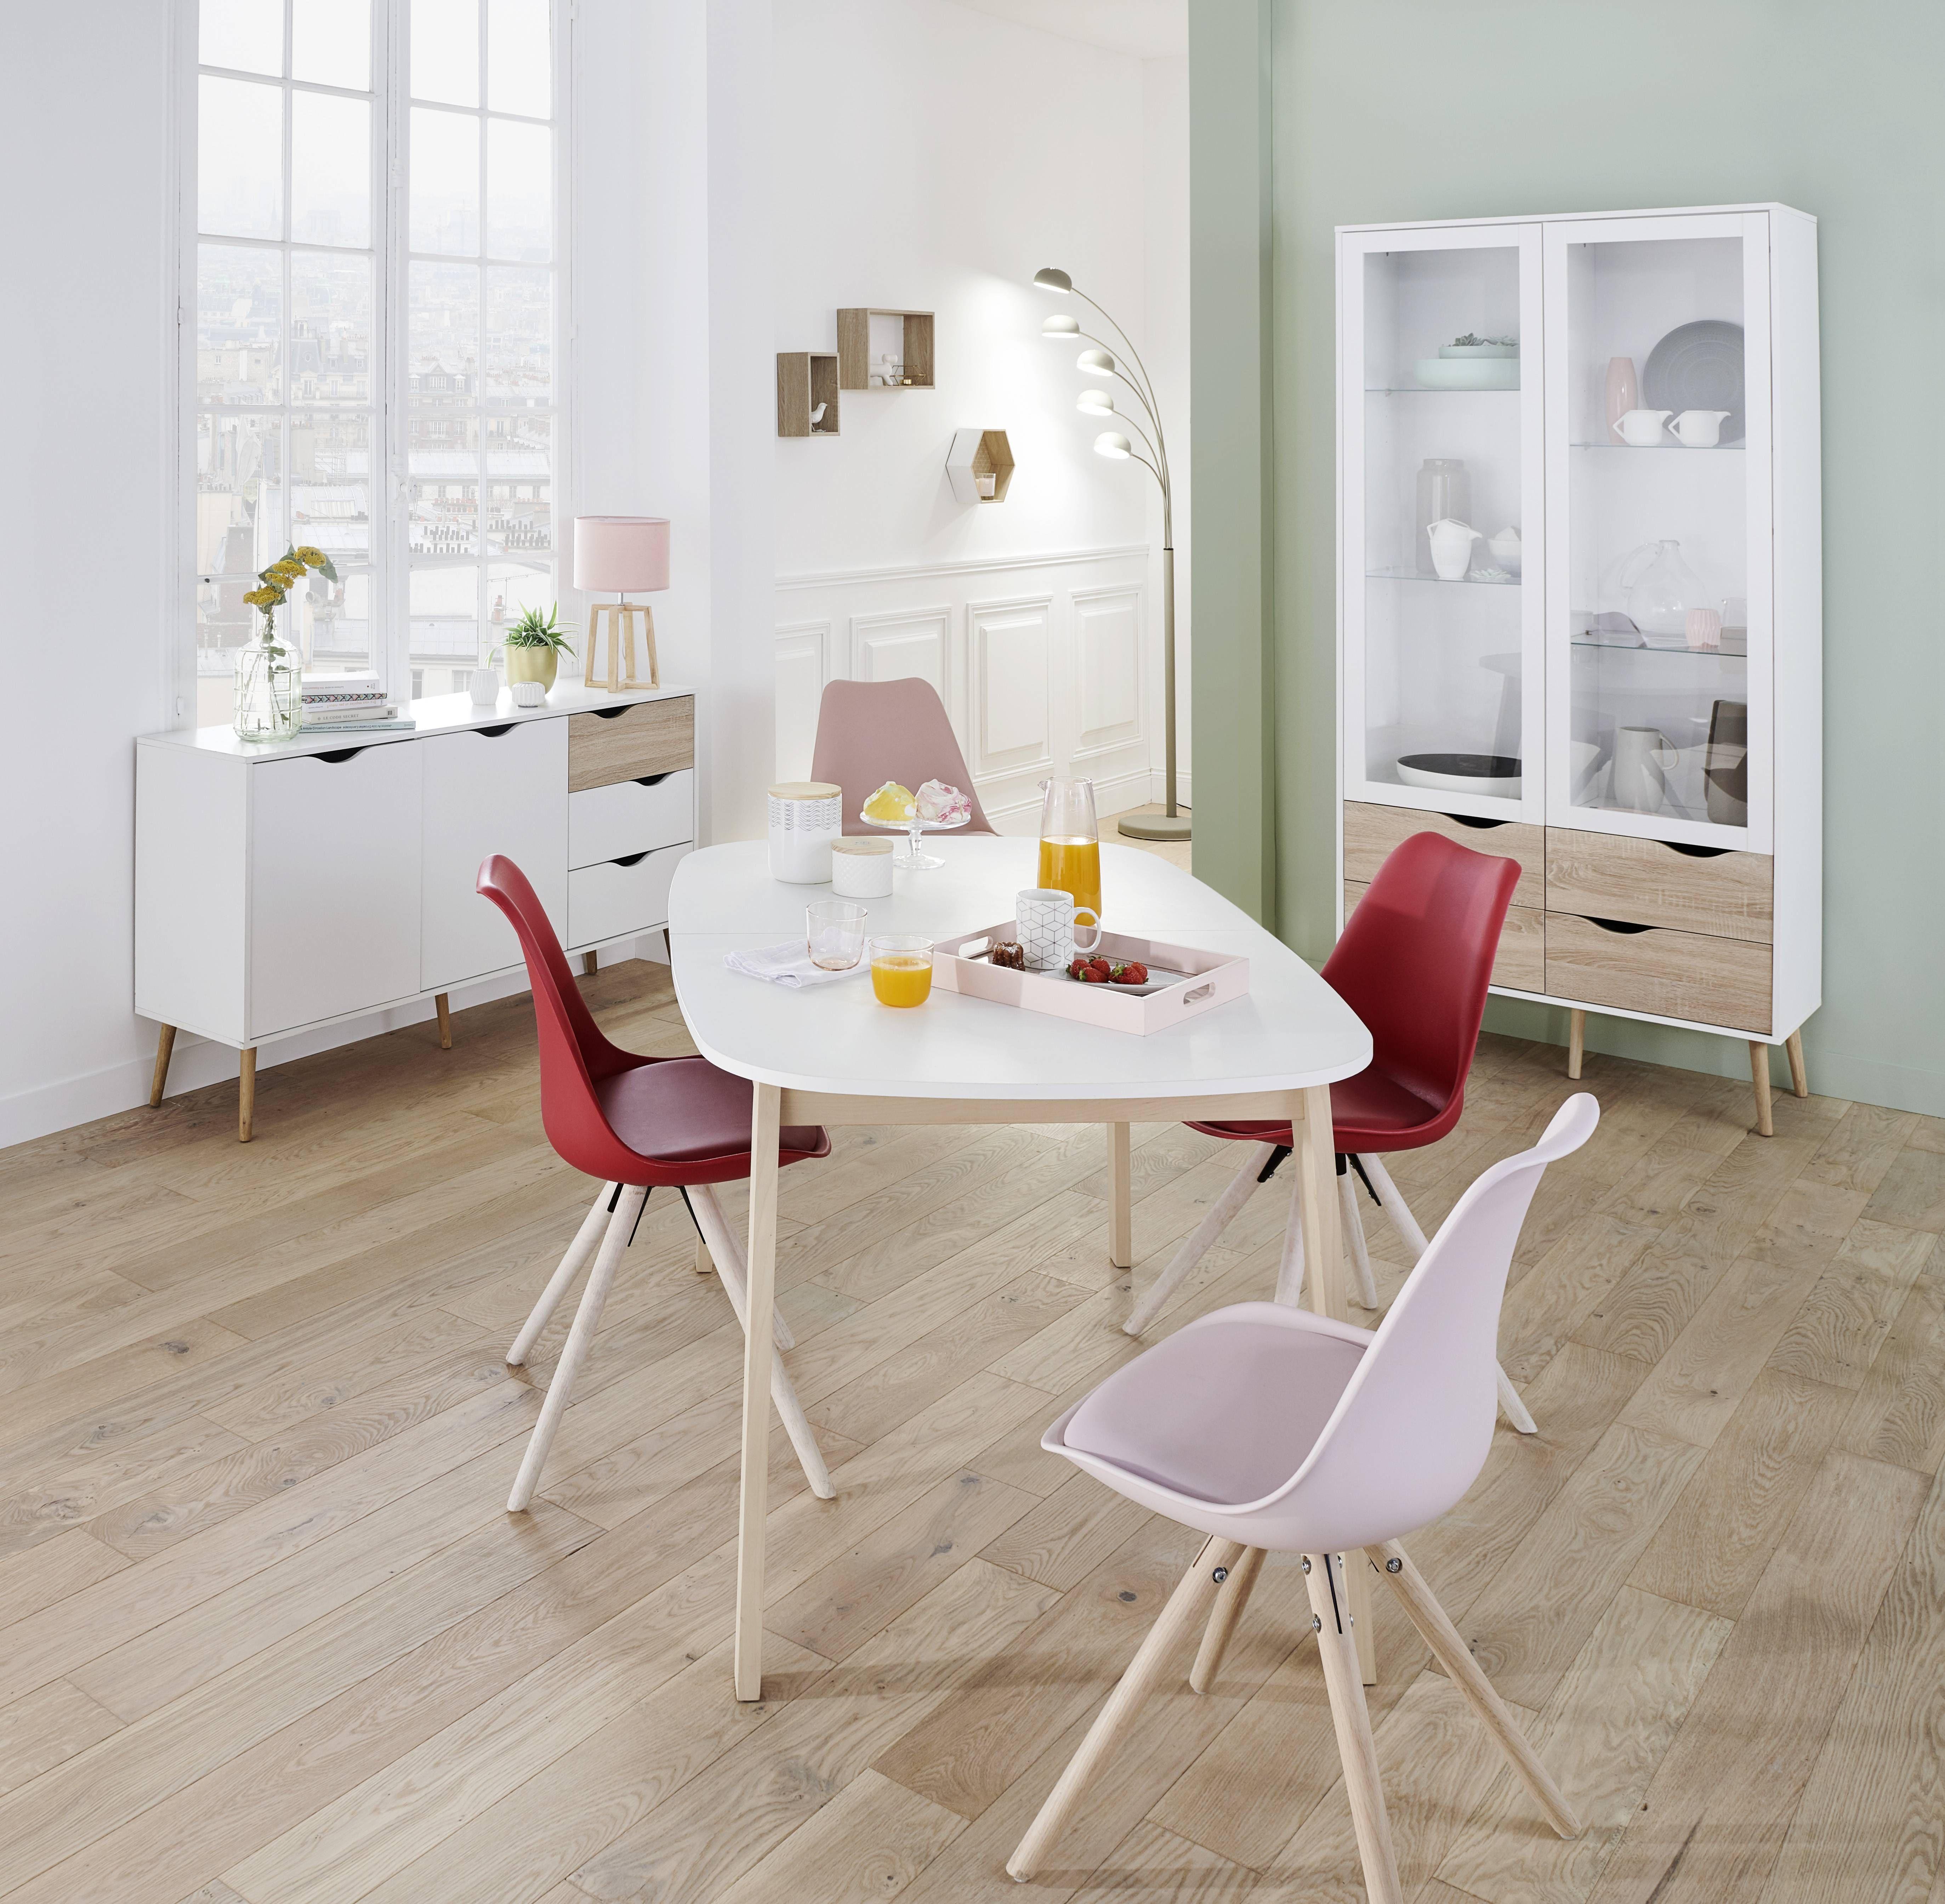 Passez Un Joli Noel Poudre Avec Le Sejour Oslo But Deco Maison Interieur Deco Maison Deco